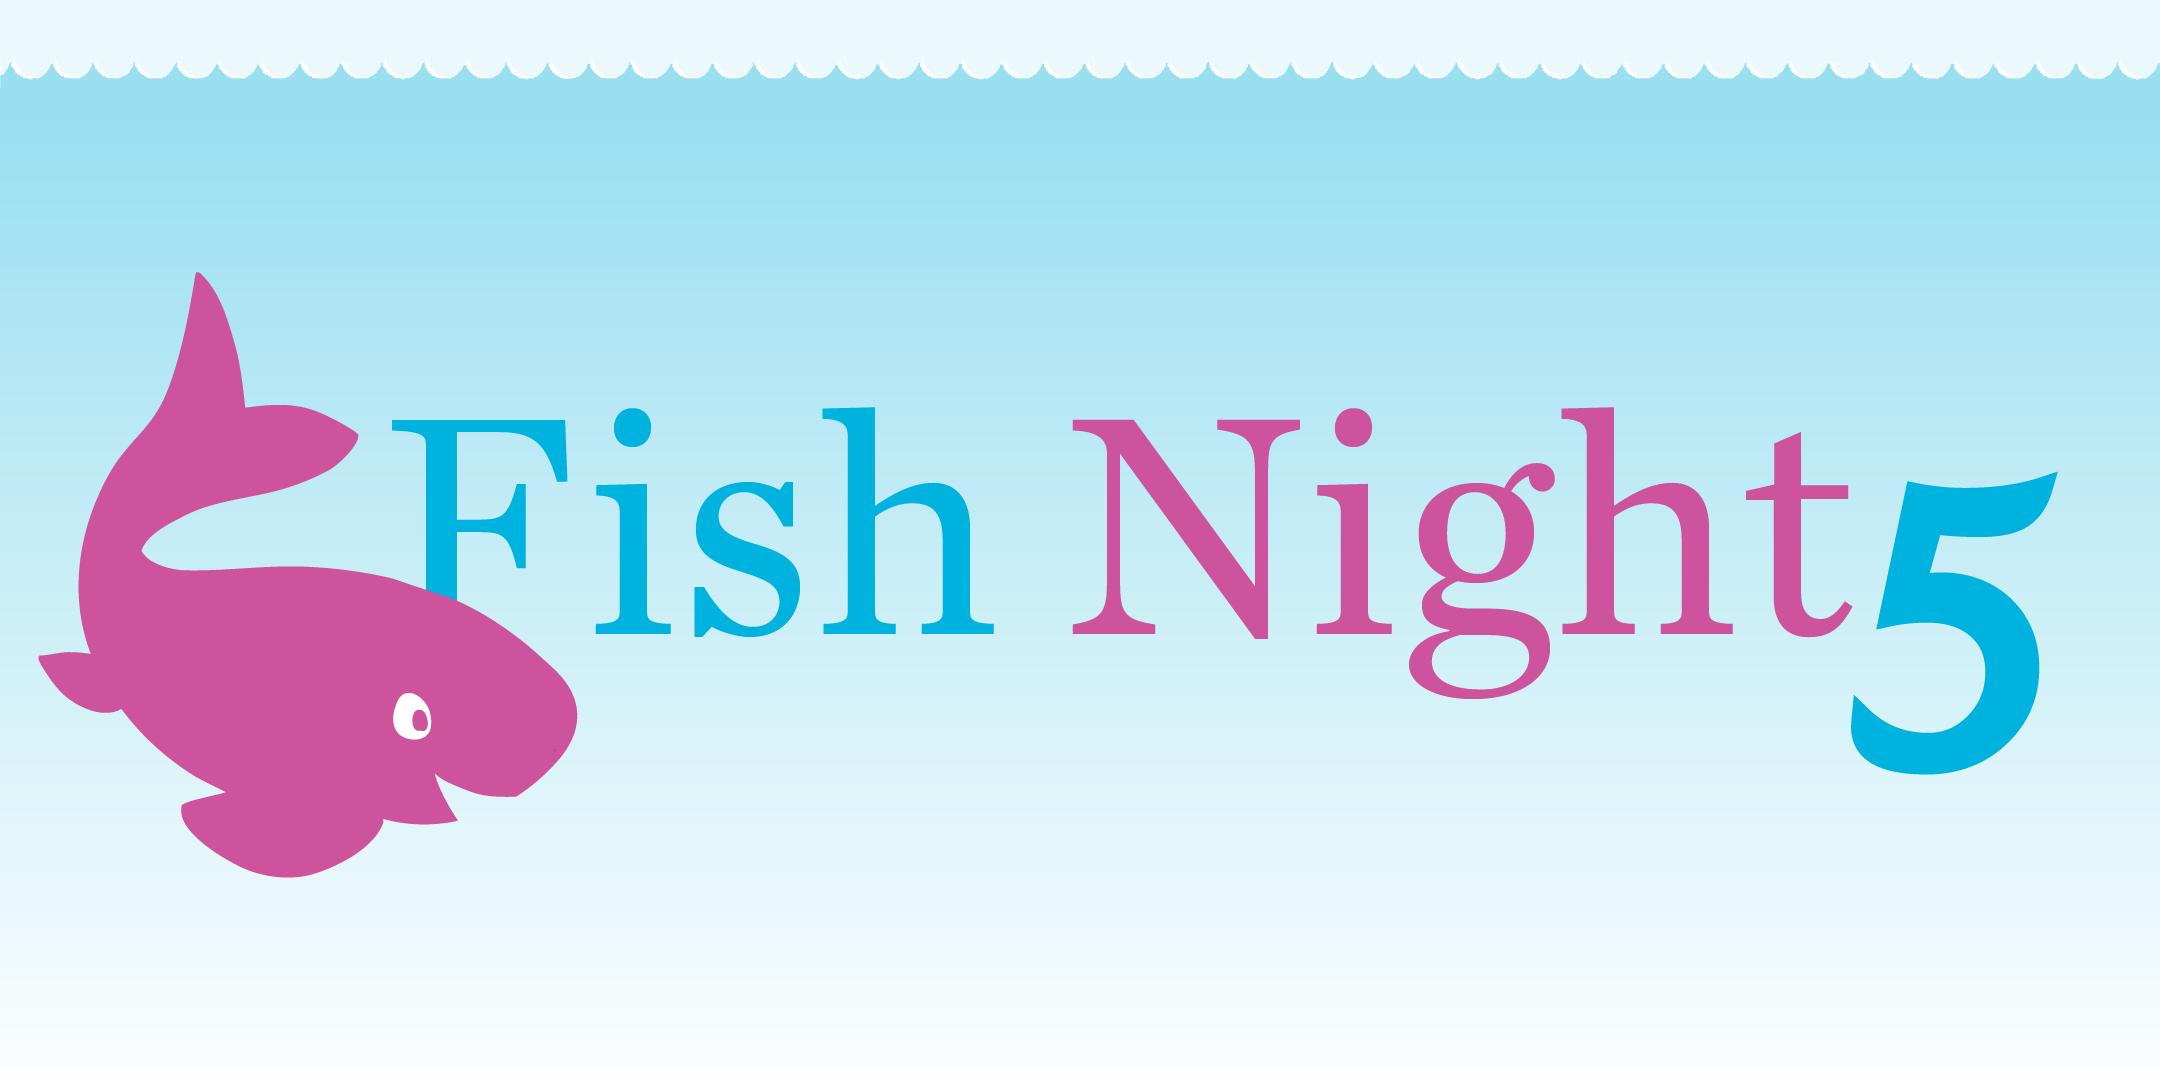 Fish Night logo